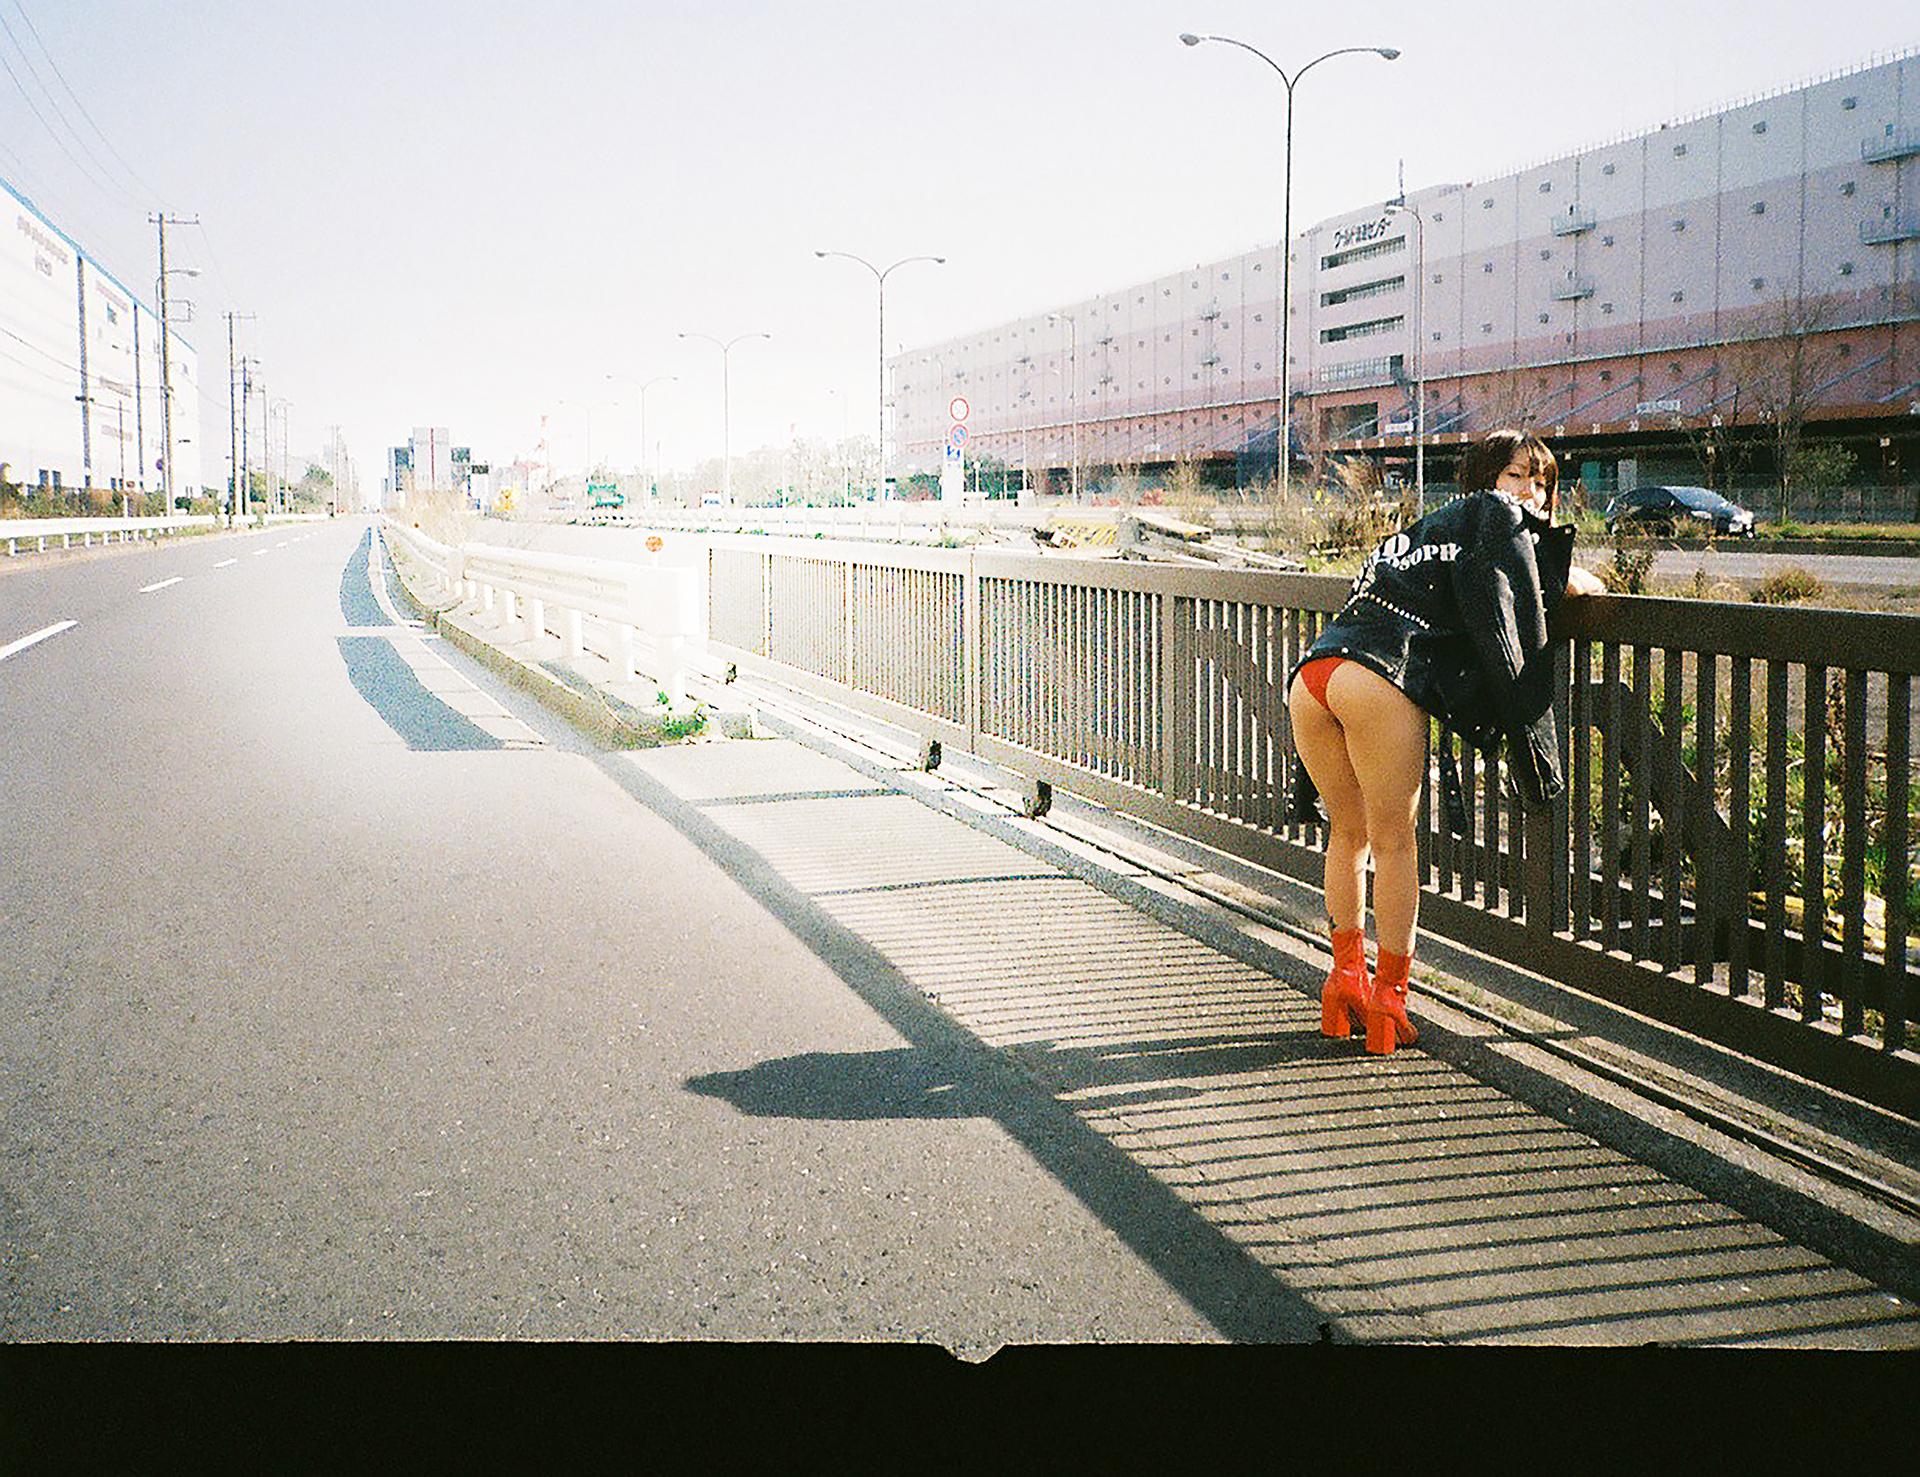 松岡 敦飛 | ATOV MATSUOKA